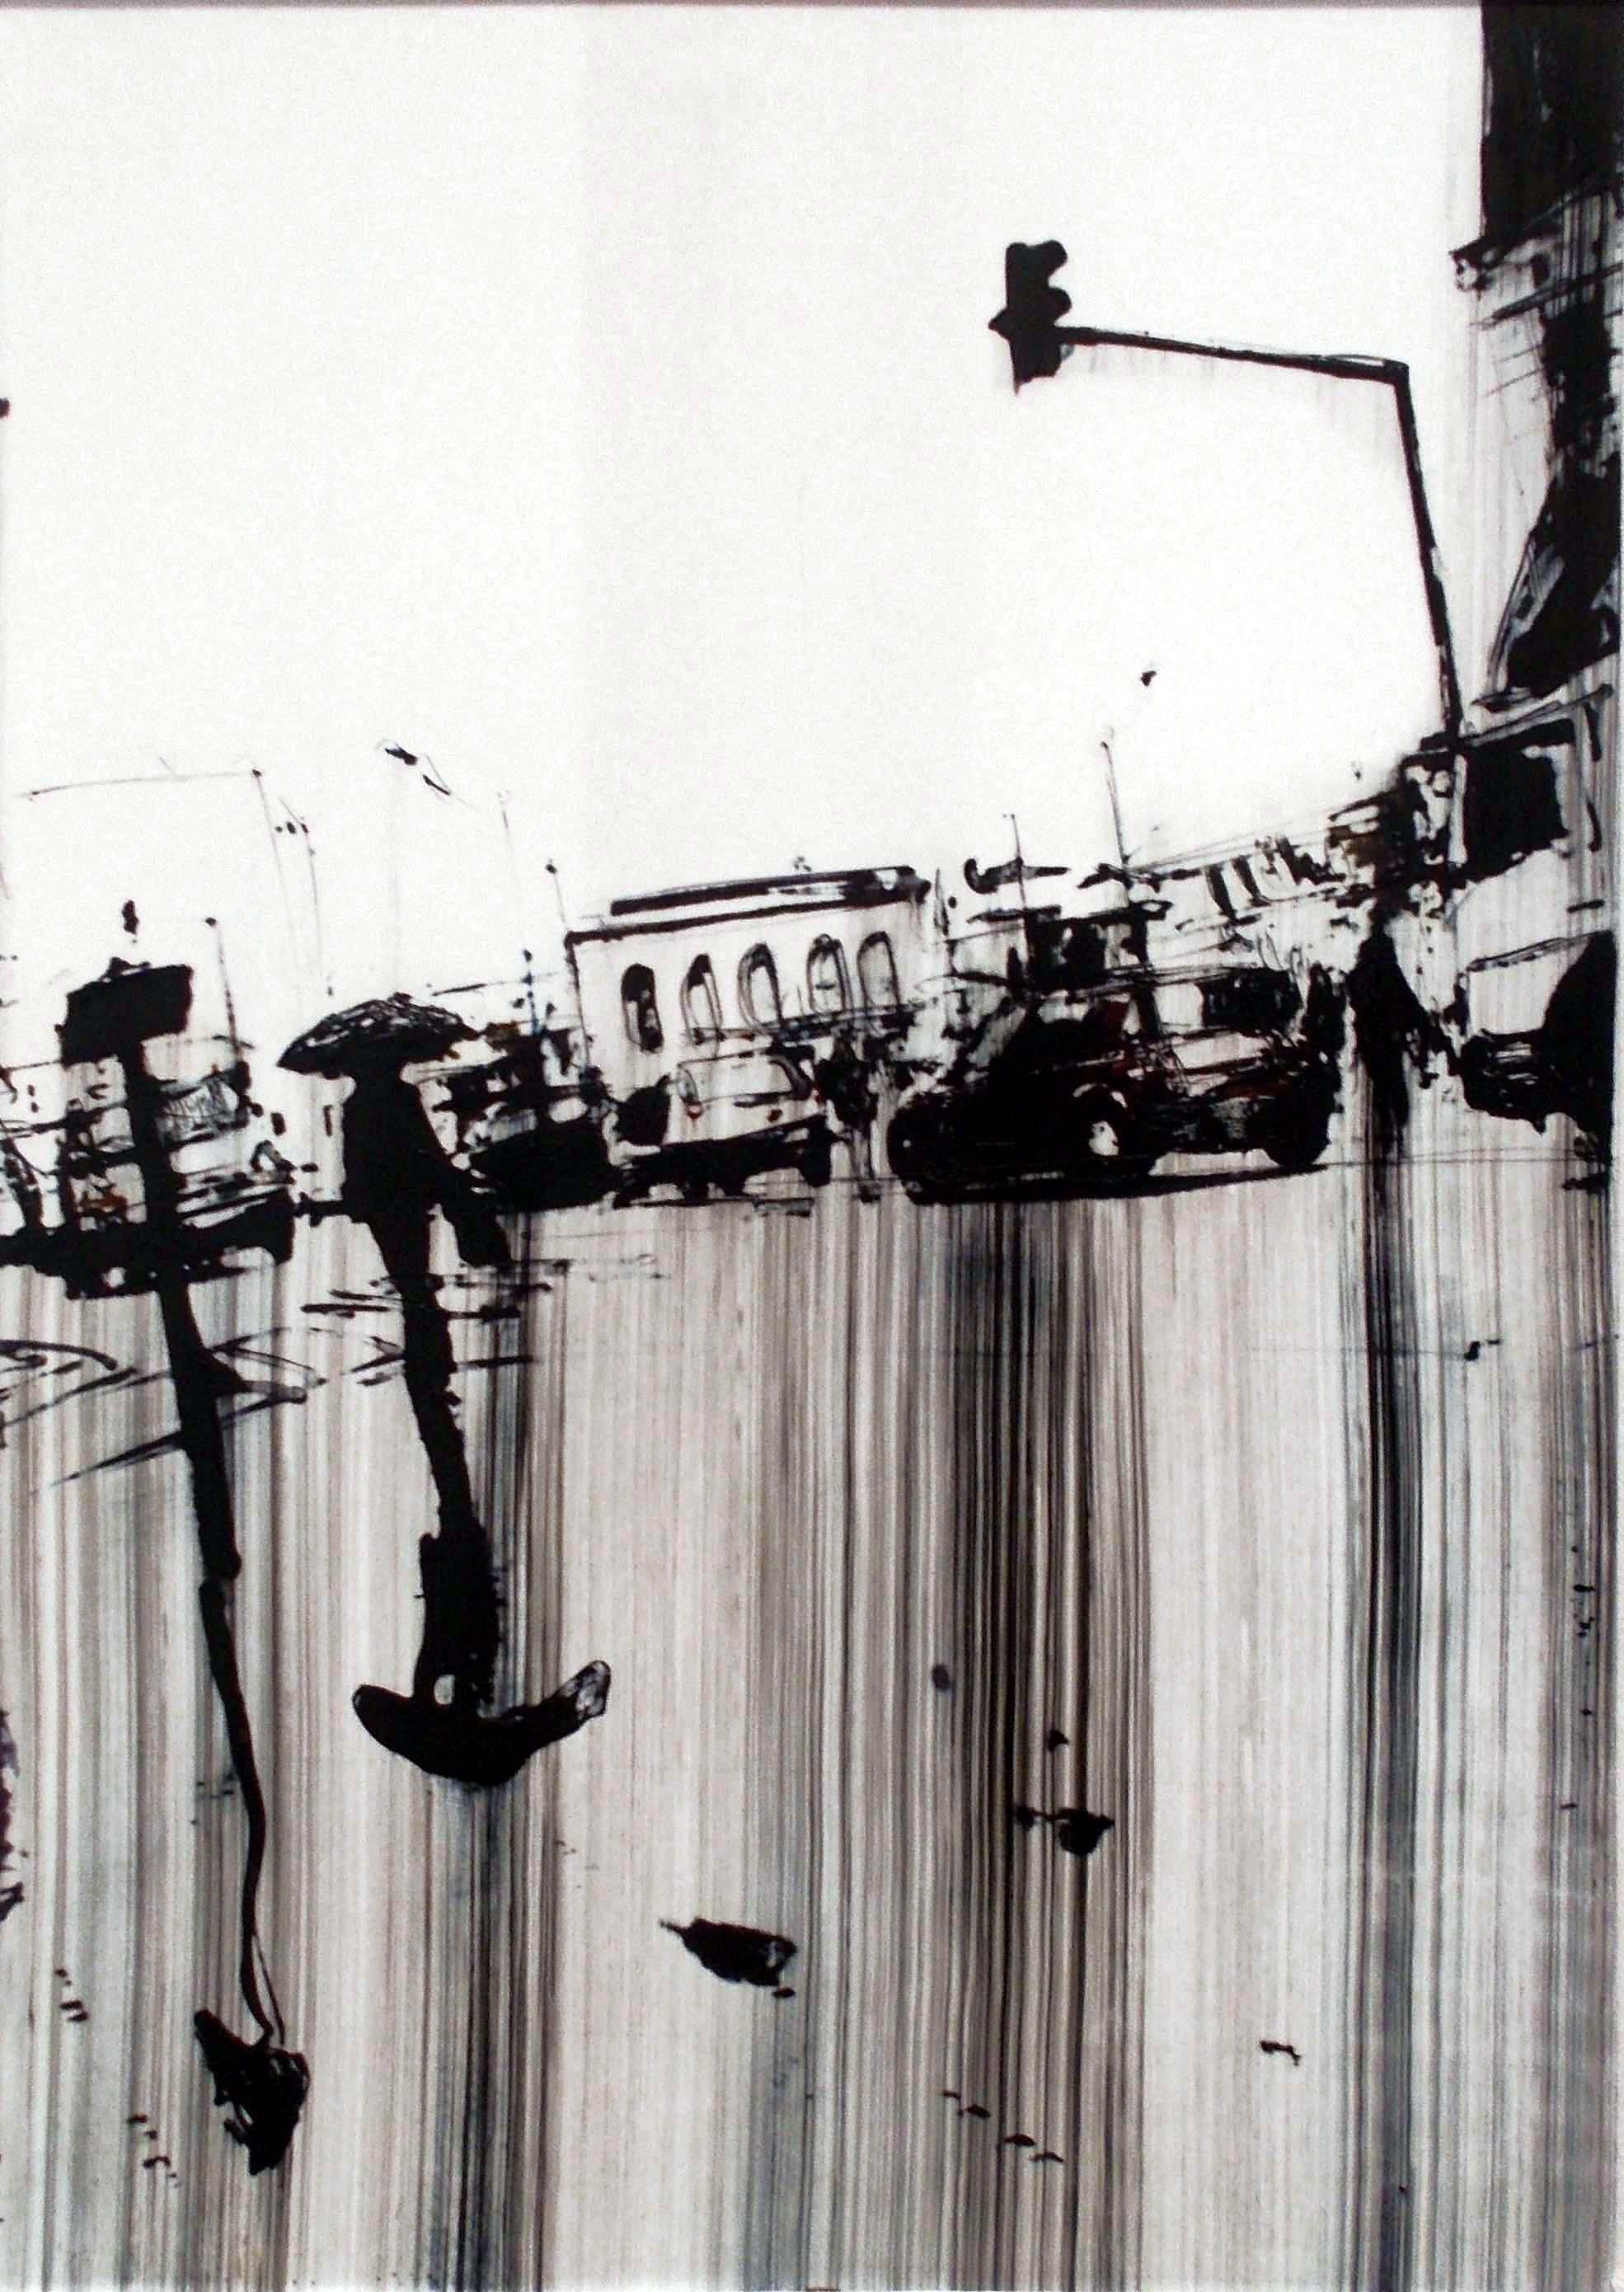 Tranches de villes 03